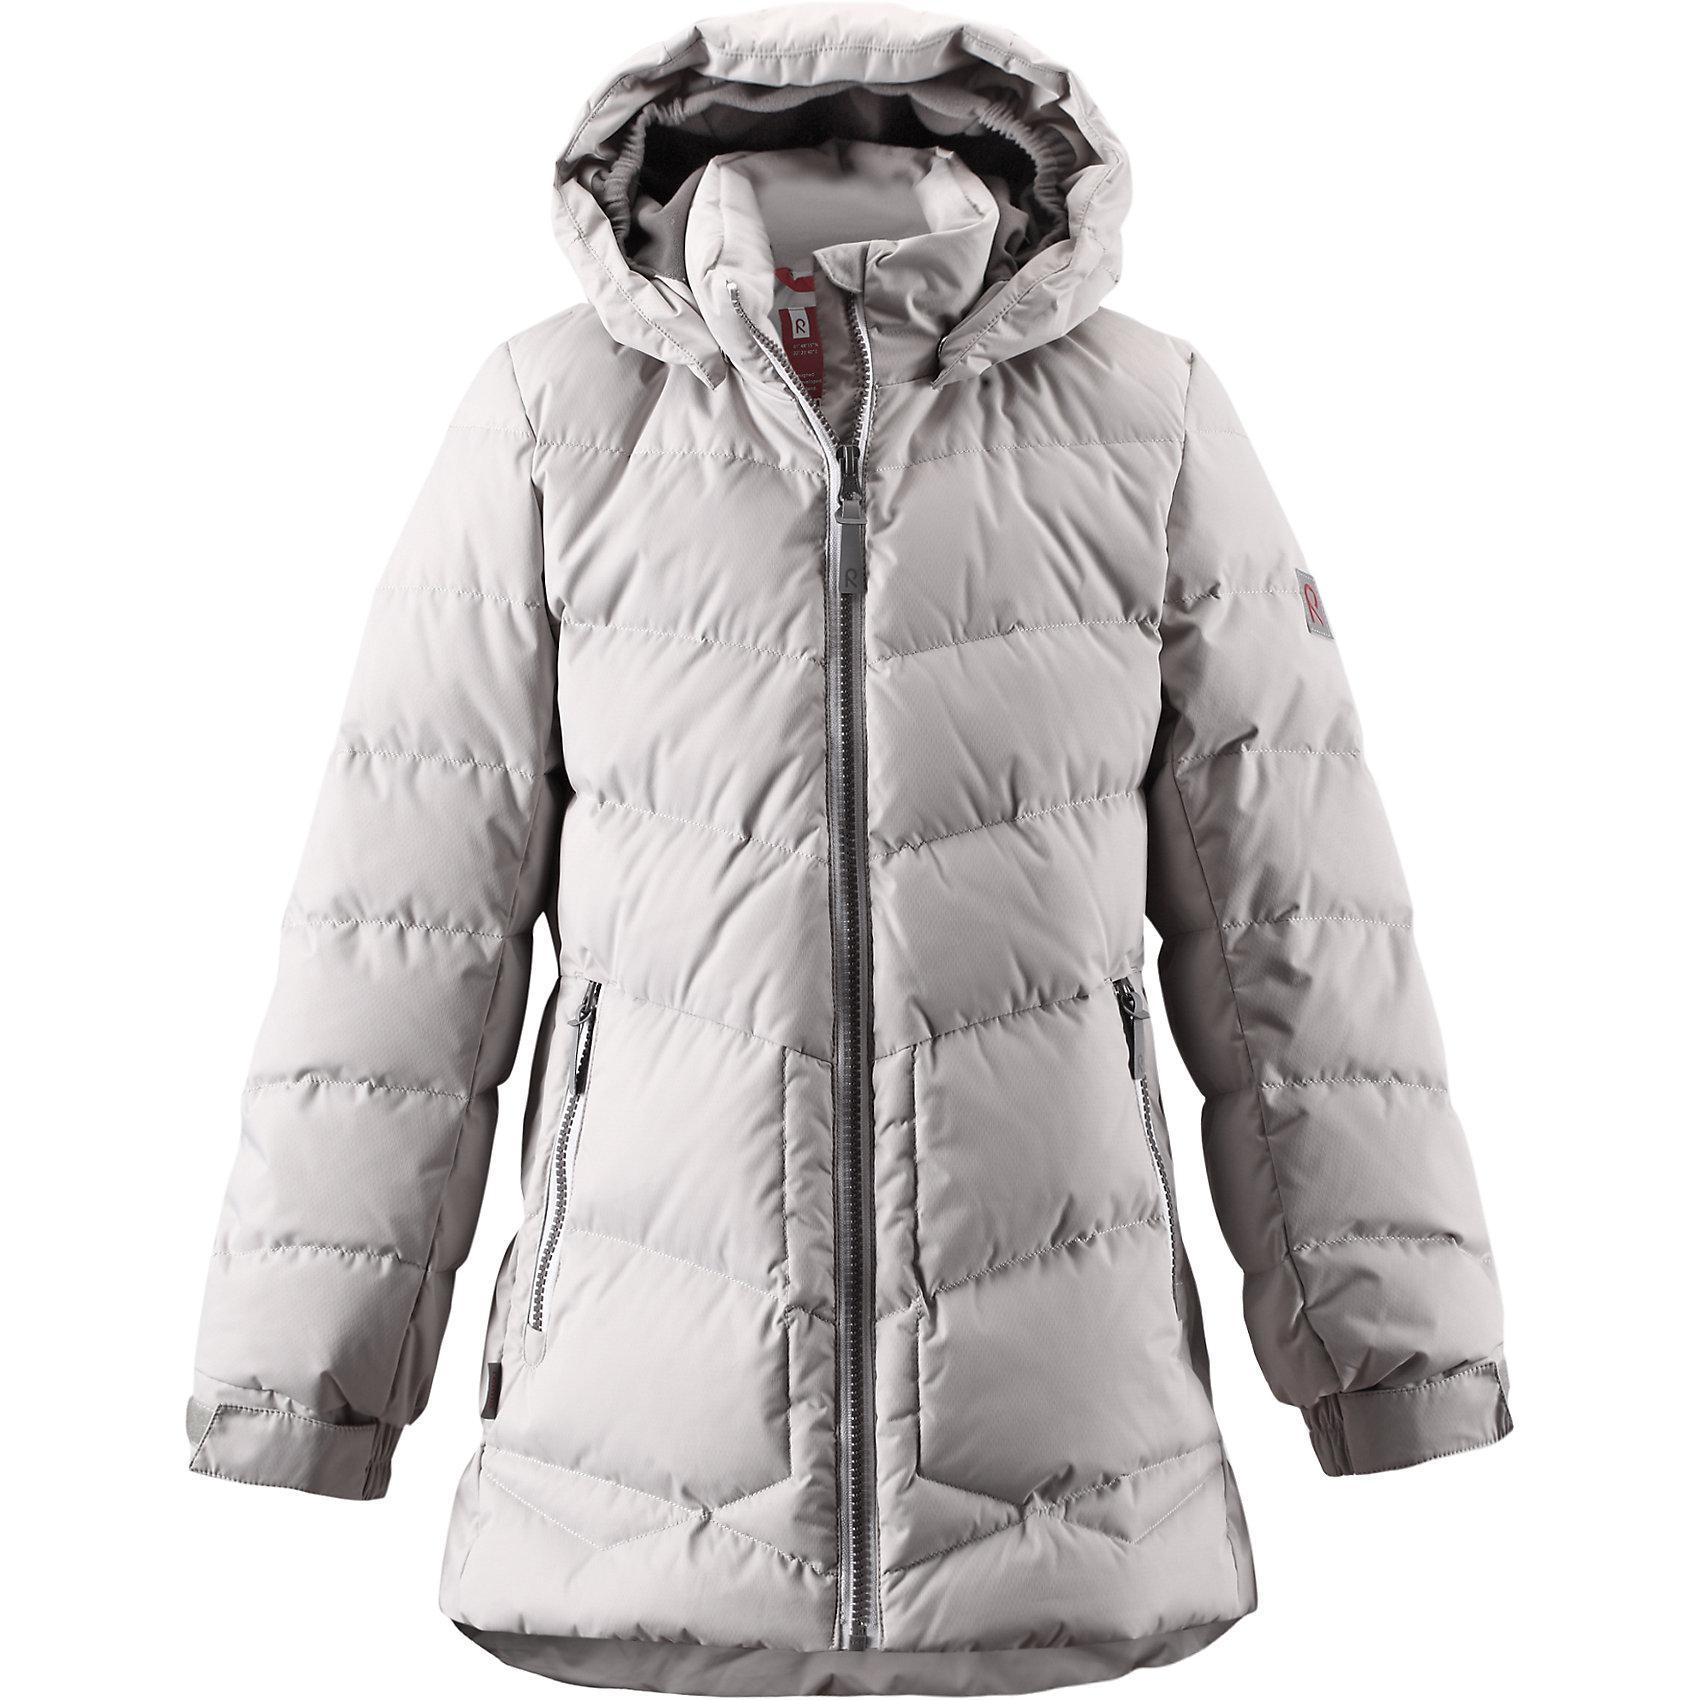 Куртка Likka для девочки ReimaОдежда<br>Куртка для девочки Reima<br>Пуховая куртка для подростков. Водоотталкивающий, ветронепроницаемый, «дышащий» и грязеотталкивающий материал. Крой для девочек. Гладкая подкладка из полиэстра. В качестве утеплителя использованы пух и перо (60%/40%). Безопасный, съемный капюшон. Регулируемый манжет на липучке. Эластичная талия. Два кармана на молнии. Безопасные светоотражающие детали. Петля для дополнительных светоотражающих деталей.<br>Уход:<br>Стирать по отдельности, вывернув наизнанку. Застегнуть молнии и липучки. Стирать моющим средством, не содержащим отбеливающие вещества. Полоскать без специального средства. Во избежание изменения цвета изделие необходимо вынуть из стиральной машинки незамедлительно после окончания программы стирки. Барабанное сушение при низкой температуре с 3 теннисными мячиками. Выверните изделие наизнанку в середине сушки.<br>Состав:<br>100% Полиамид, полиуретановое покрытие<br><br>Ширина мм: 356<br>Глубина мм: 10<br>Высота мм: 245<br>Вес г: 519<br>Цвет: серый<br>Возраст от месяцев: 60<br>Возраст до месяцев: 72<br>Пол: Женский<br>Возраст: Детский<br>Размер: 116,152,104,110,158,122,134,140,128,164,146<br>SKU: 4778351